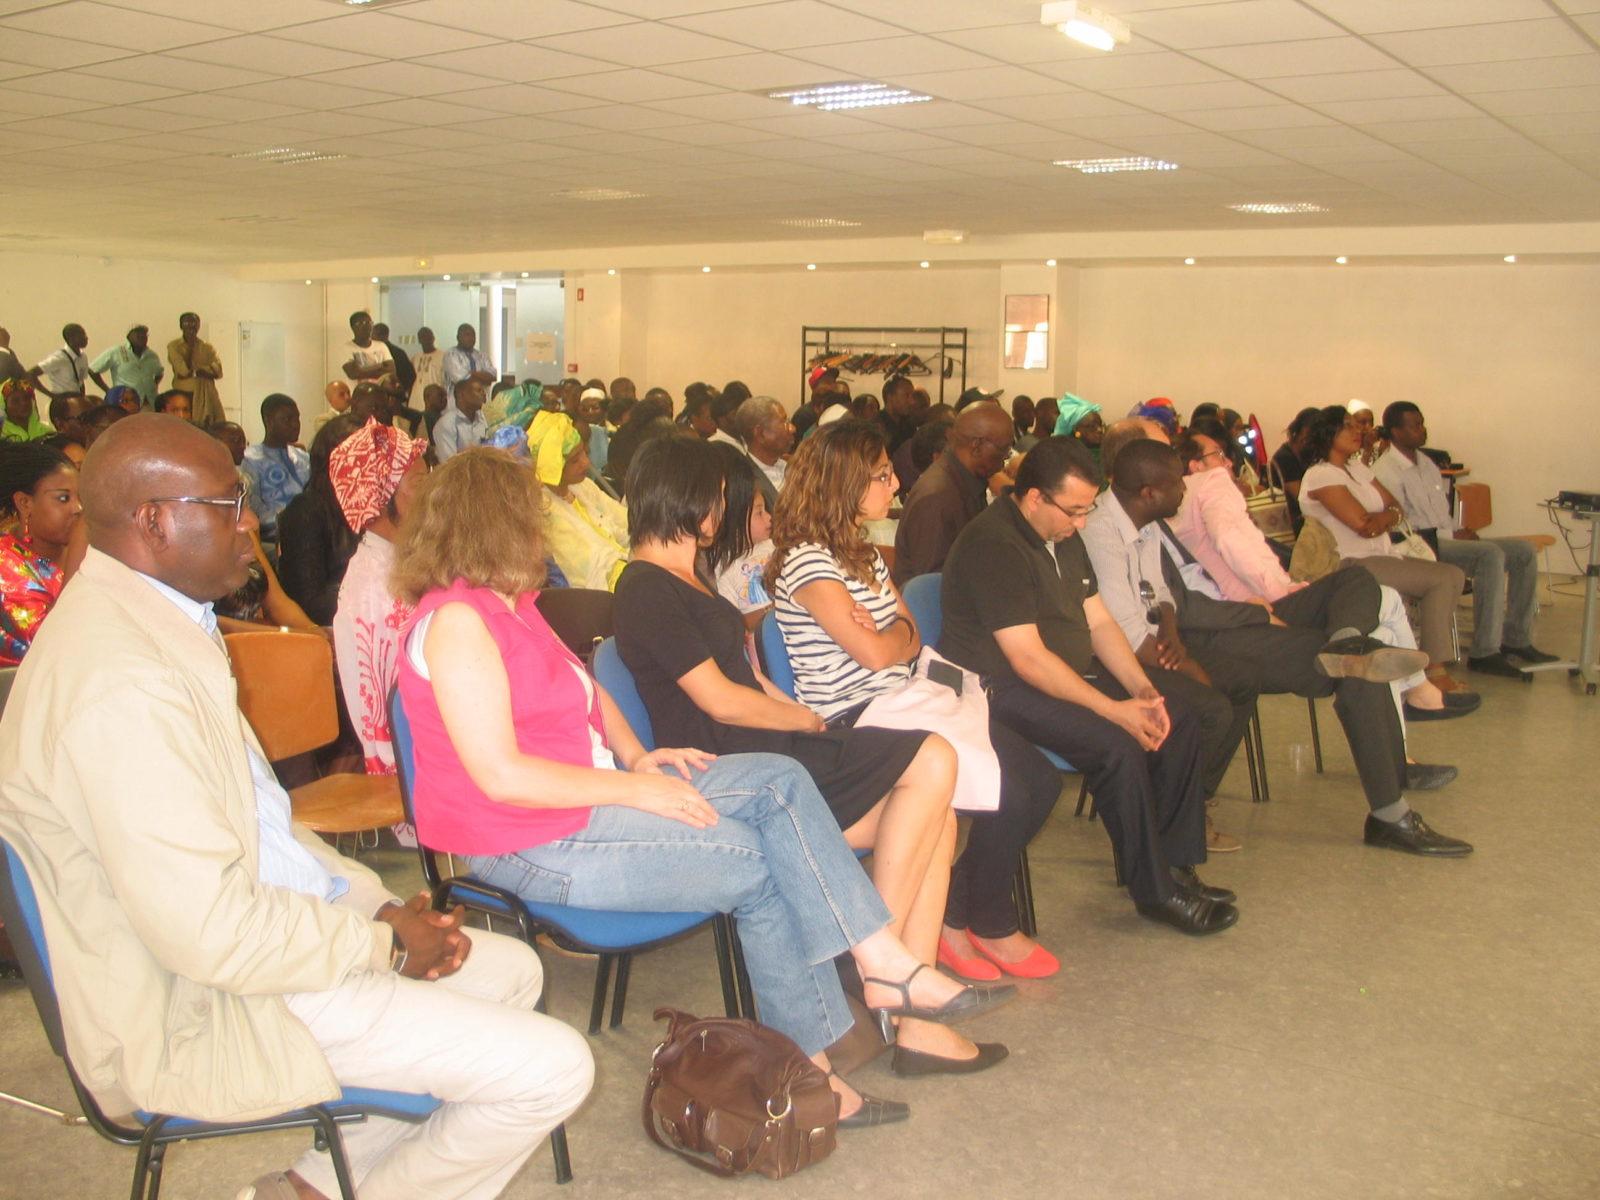 Mantes-la-Jolie (Yvelines), 21.06.2014 - la communauté sénégalaise est venue en nombre  pour la restitution des projets développés au Sénégal (MA/Ab.N)